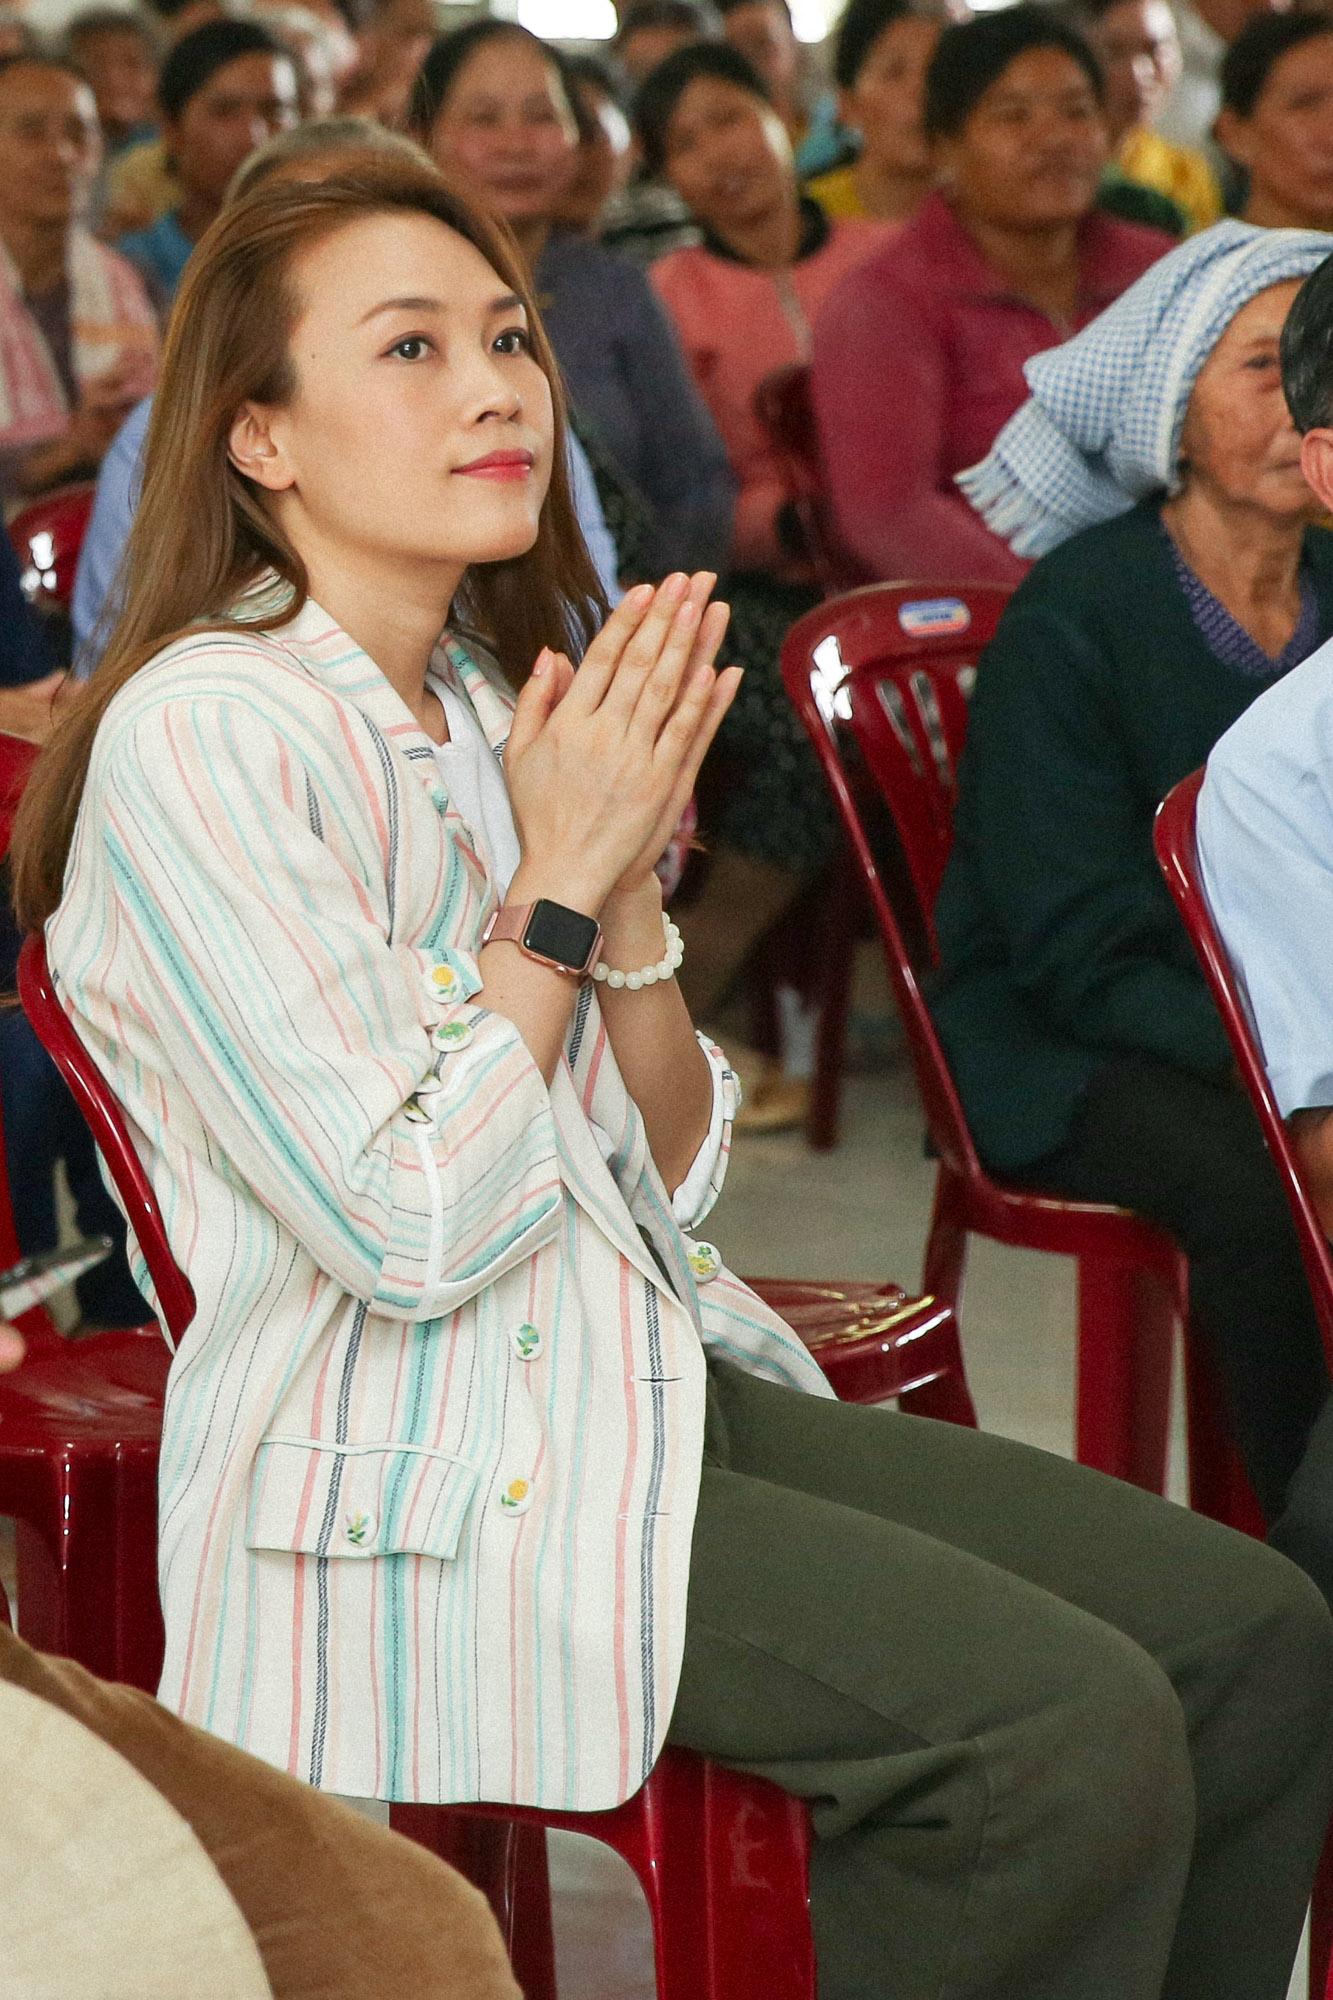 Sau chuyến thiện nguyện tại Long An, Mỹ Tâm sẽ tiếp tục cuộc hành trình đến huyện Thăng Bình, tỉnh Quảng Nam như mọi năm để trao quà cho bà con nghèo.